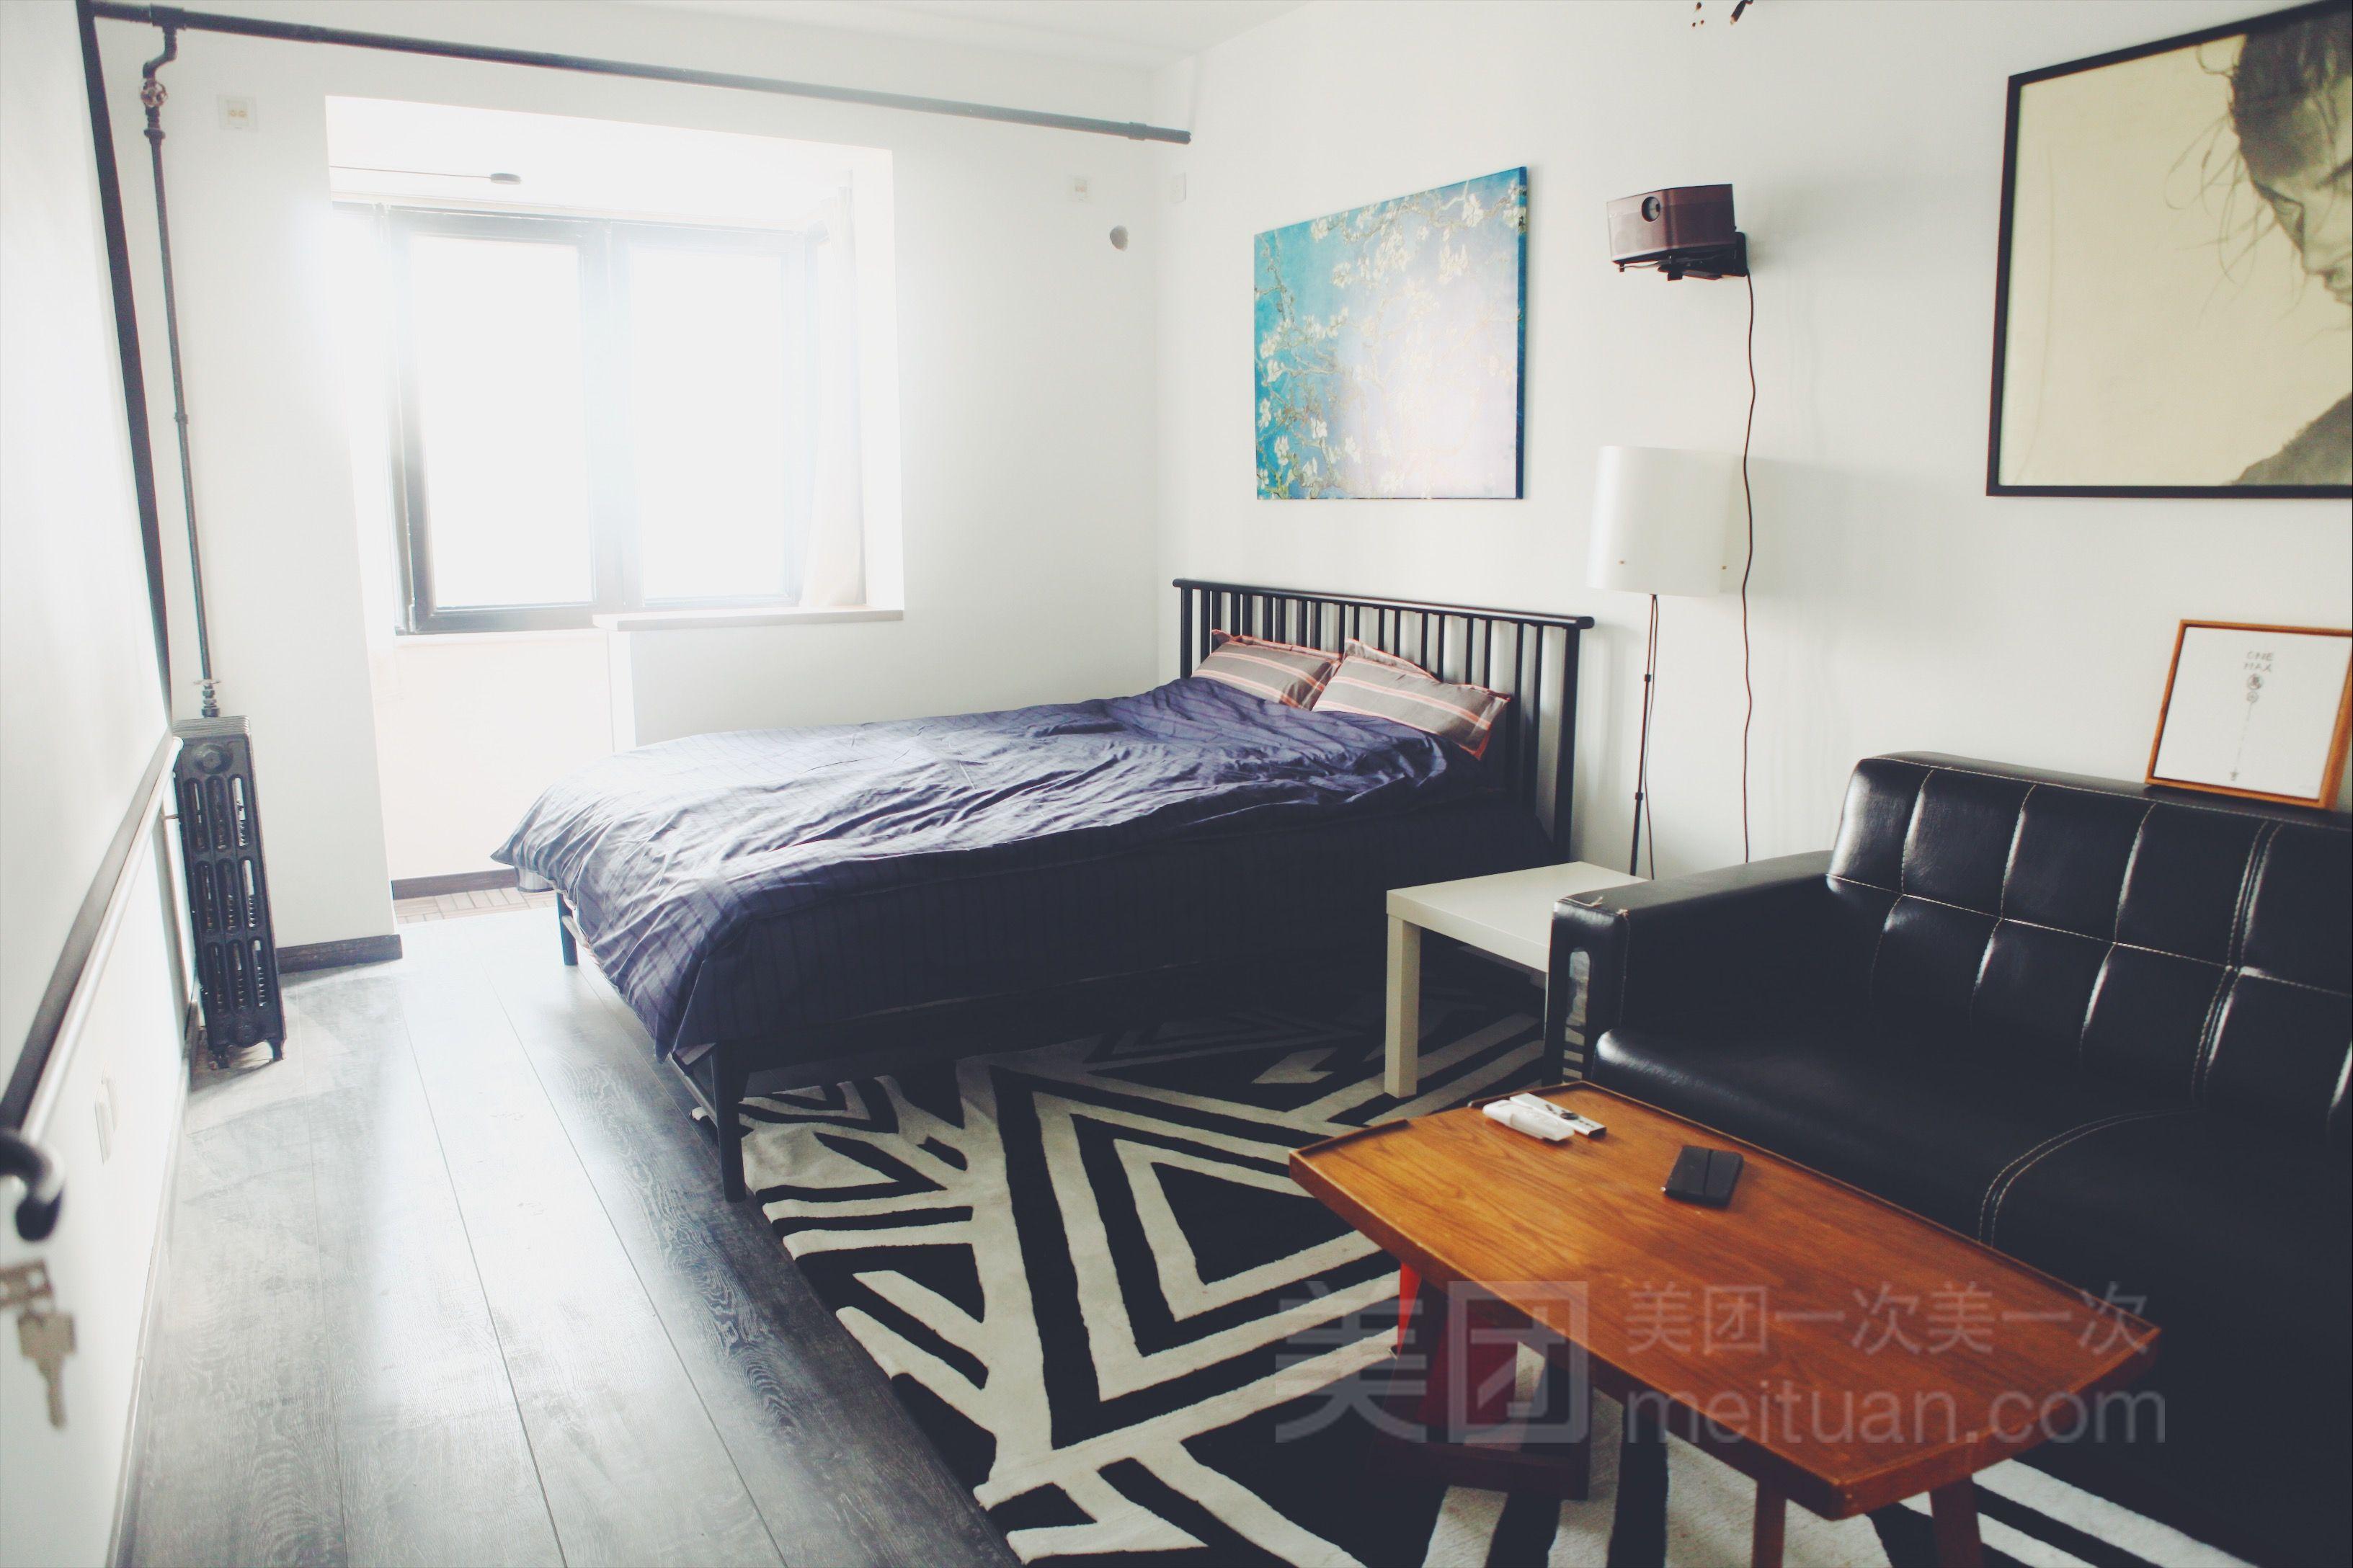 阳光现代美式两居室预订/团购